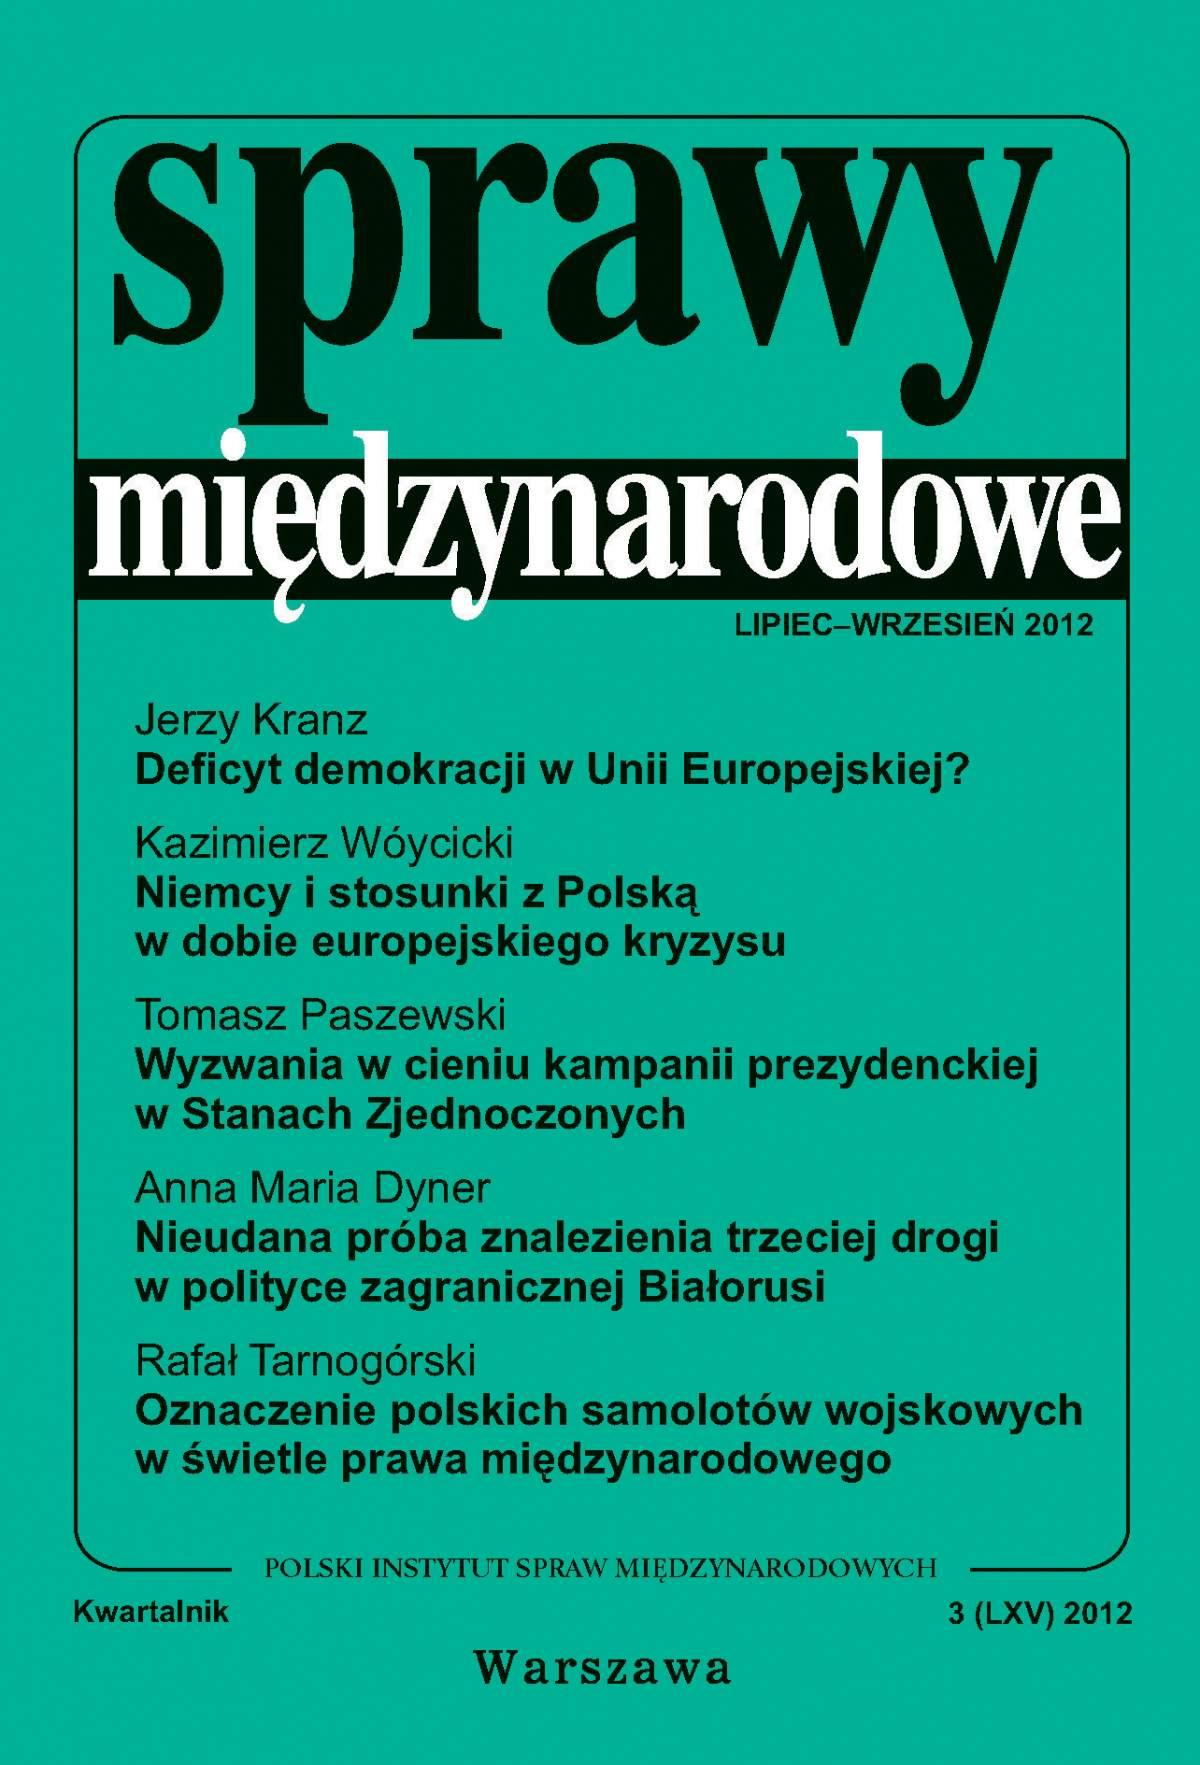 Sprawy międzynarodowe 3/2012 - Ebook (Książka PDF) do pobrania w formacie PDF